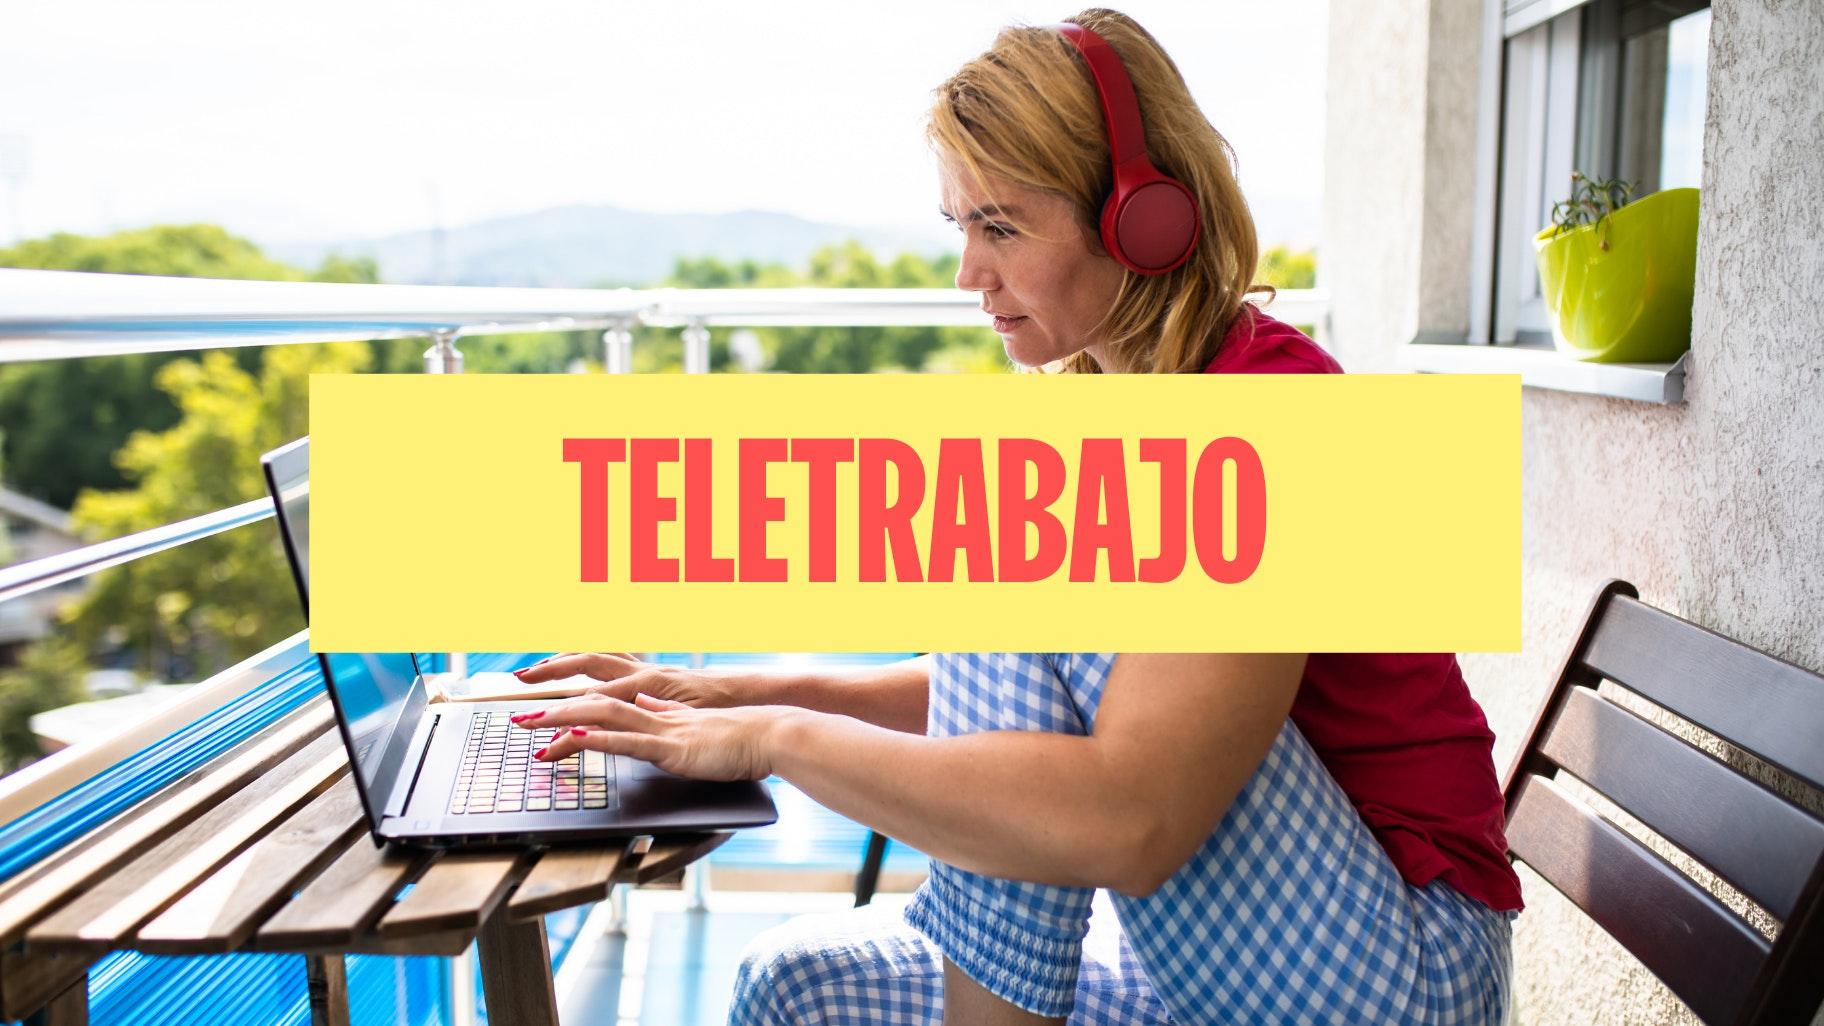 Teletrabajo: qué es, ventajas y consejos